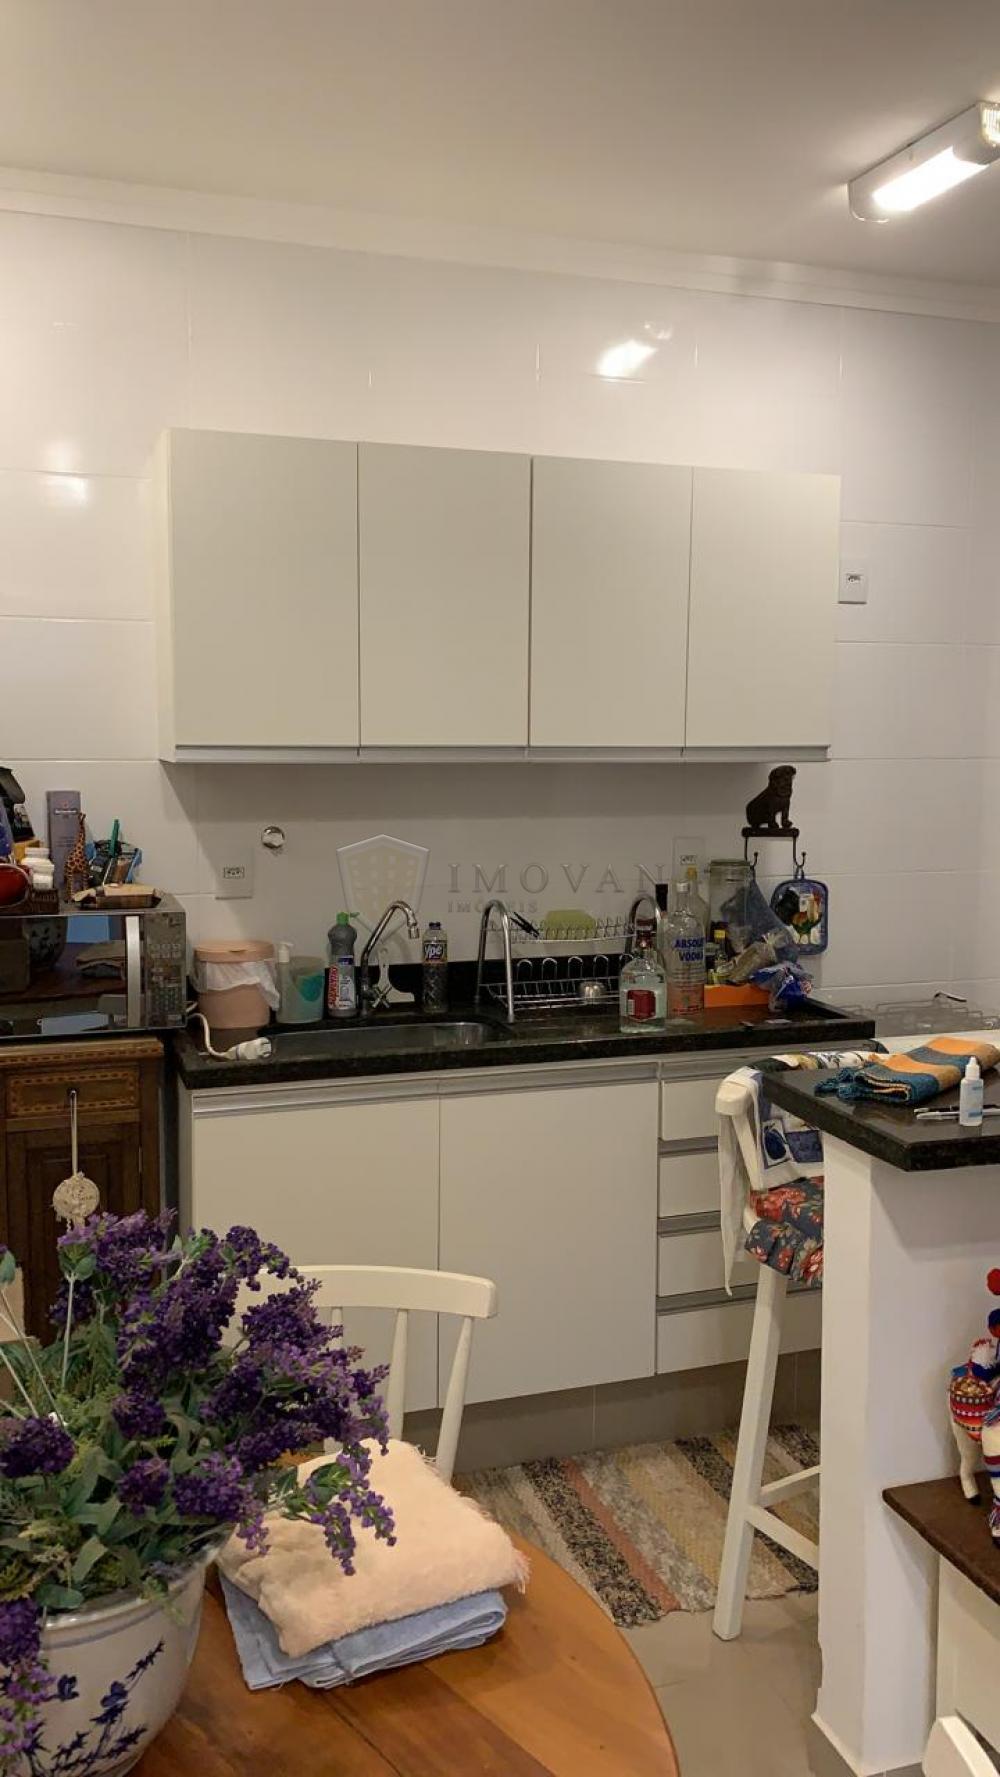 Comprar Apartamento / Padrão em Ribeirão Preto R$ 255.000,00 - Foto 3